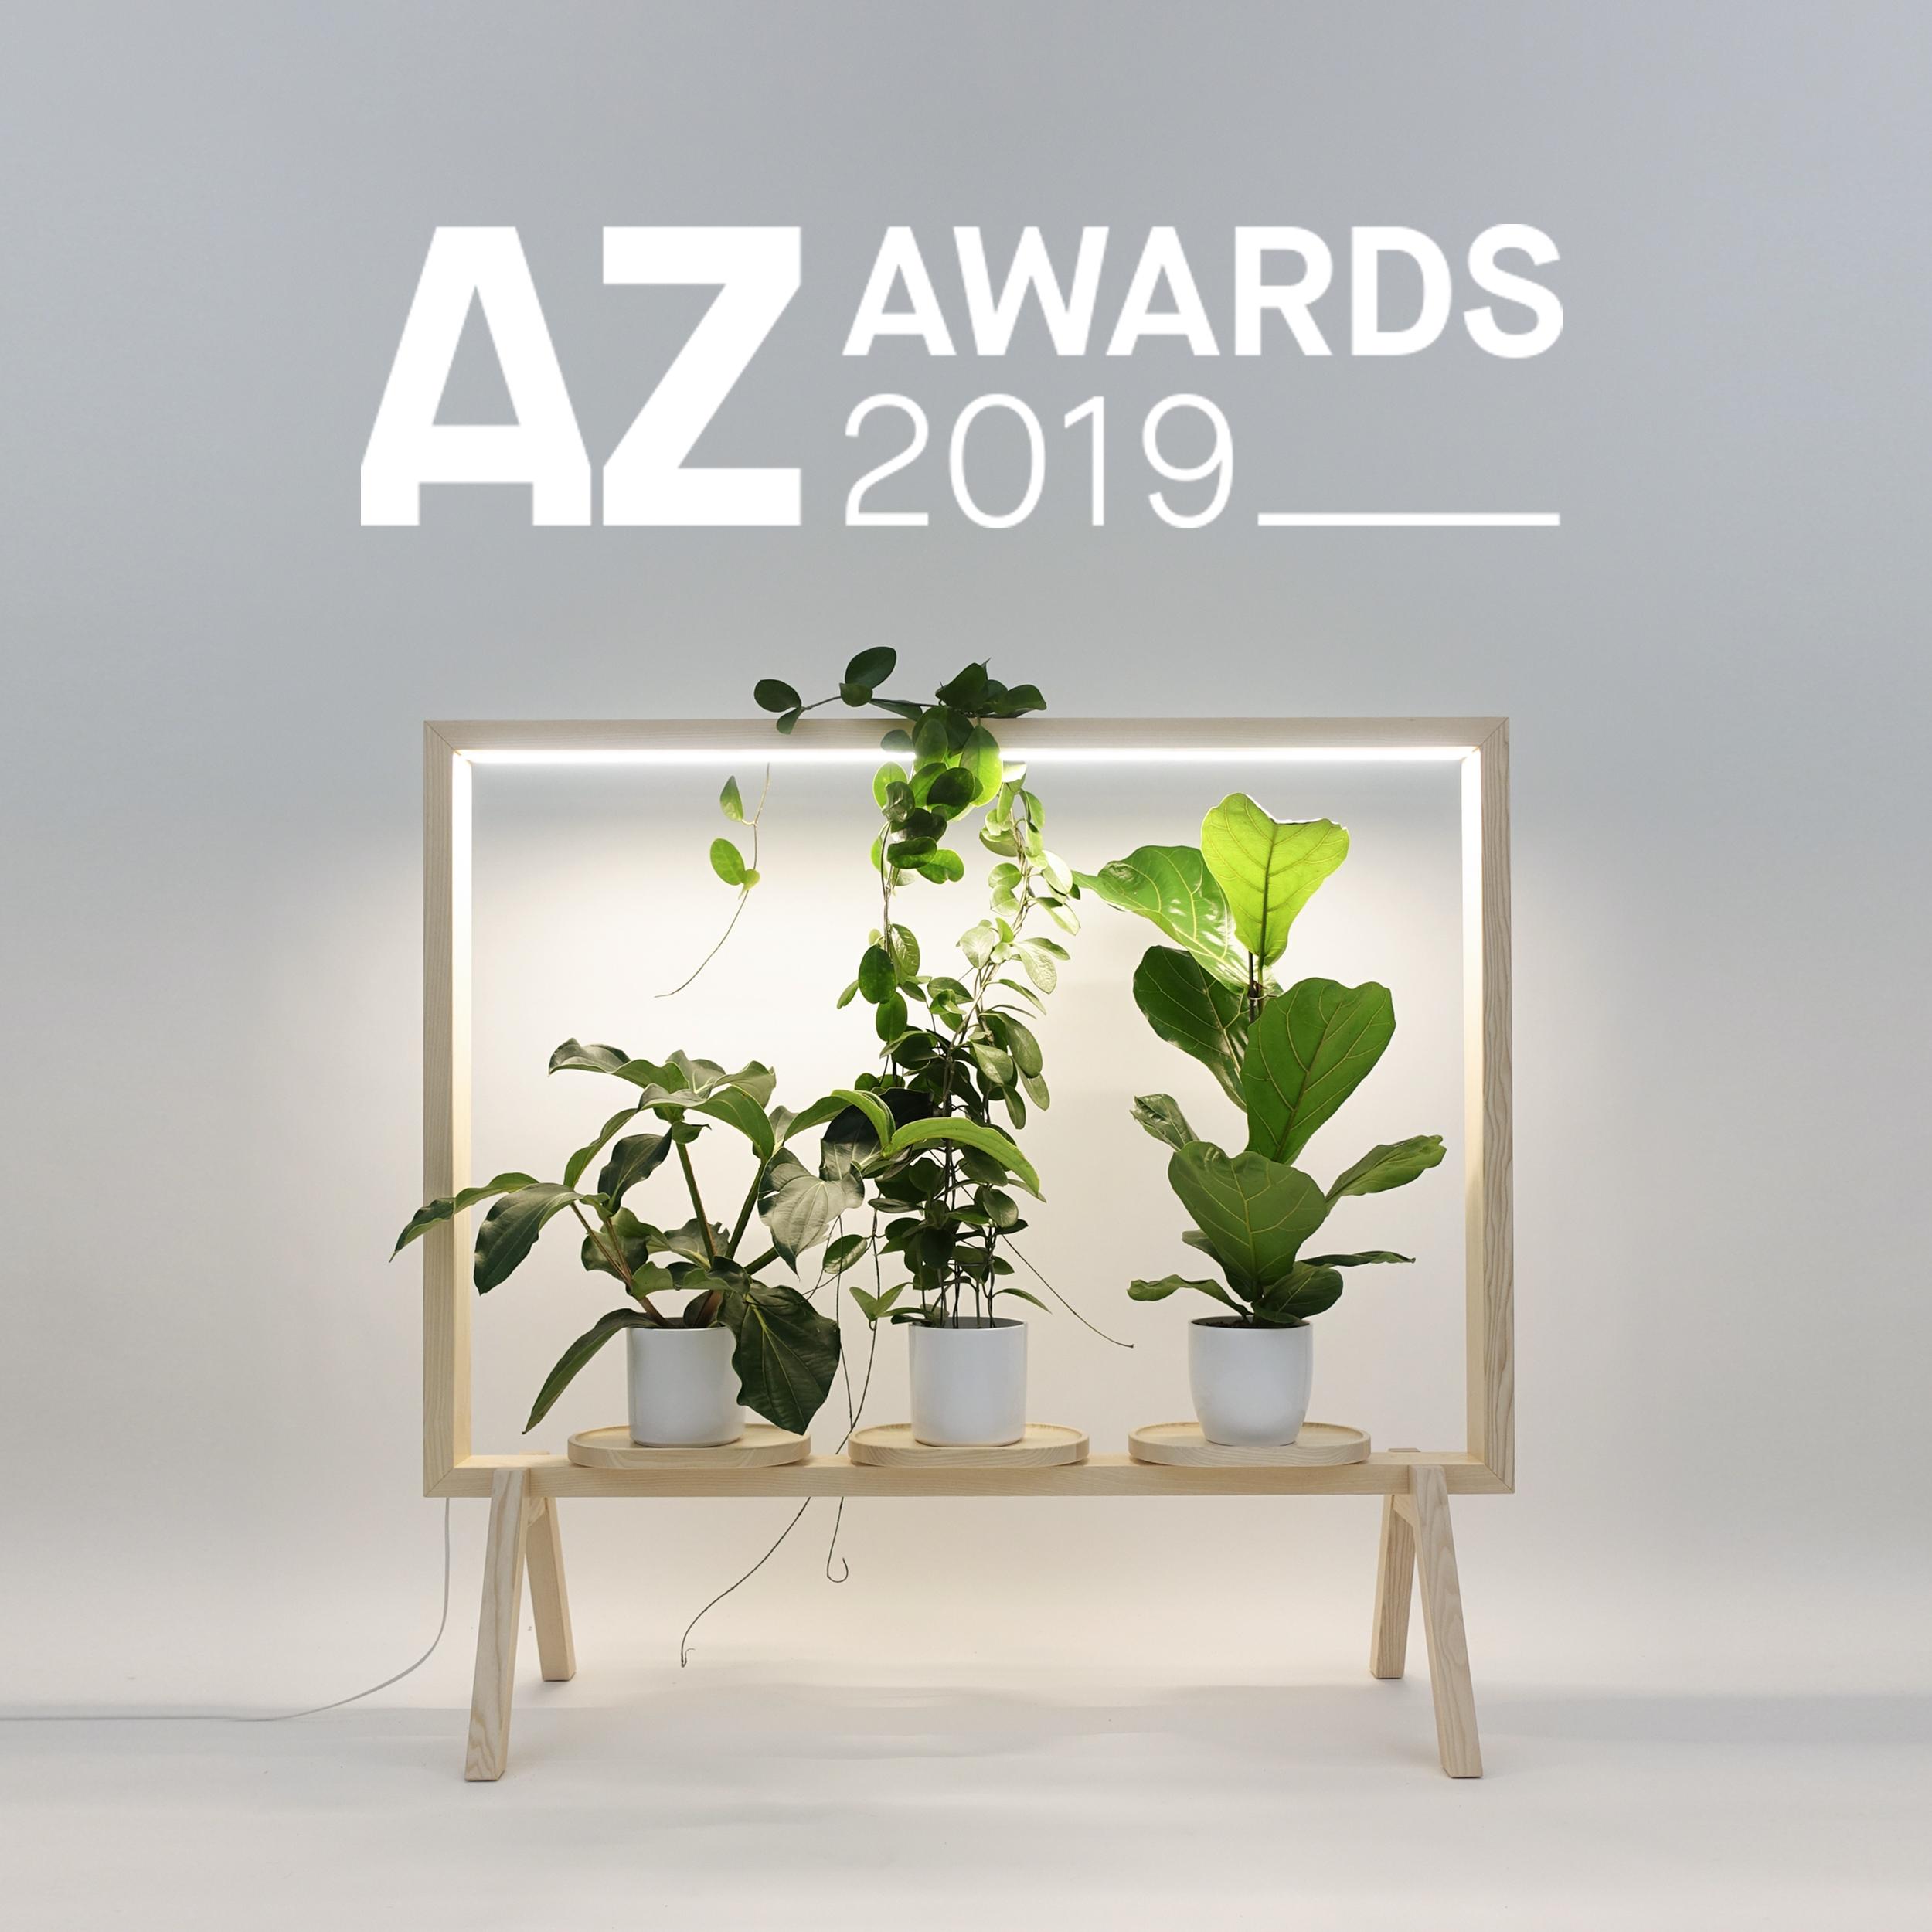 Azure_AZ Awards 2019_Awards of Merit_Ohm Collection by Ifö Electric - Design Kauppi & Kauppi